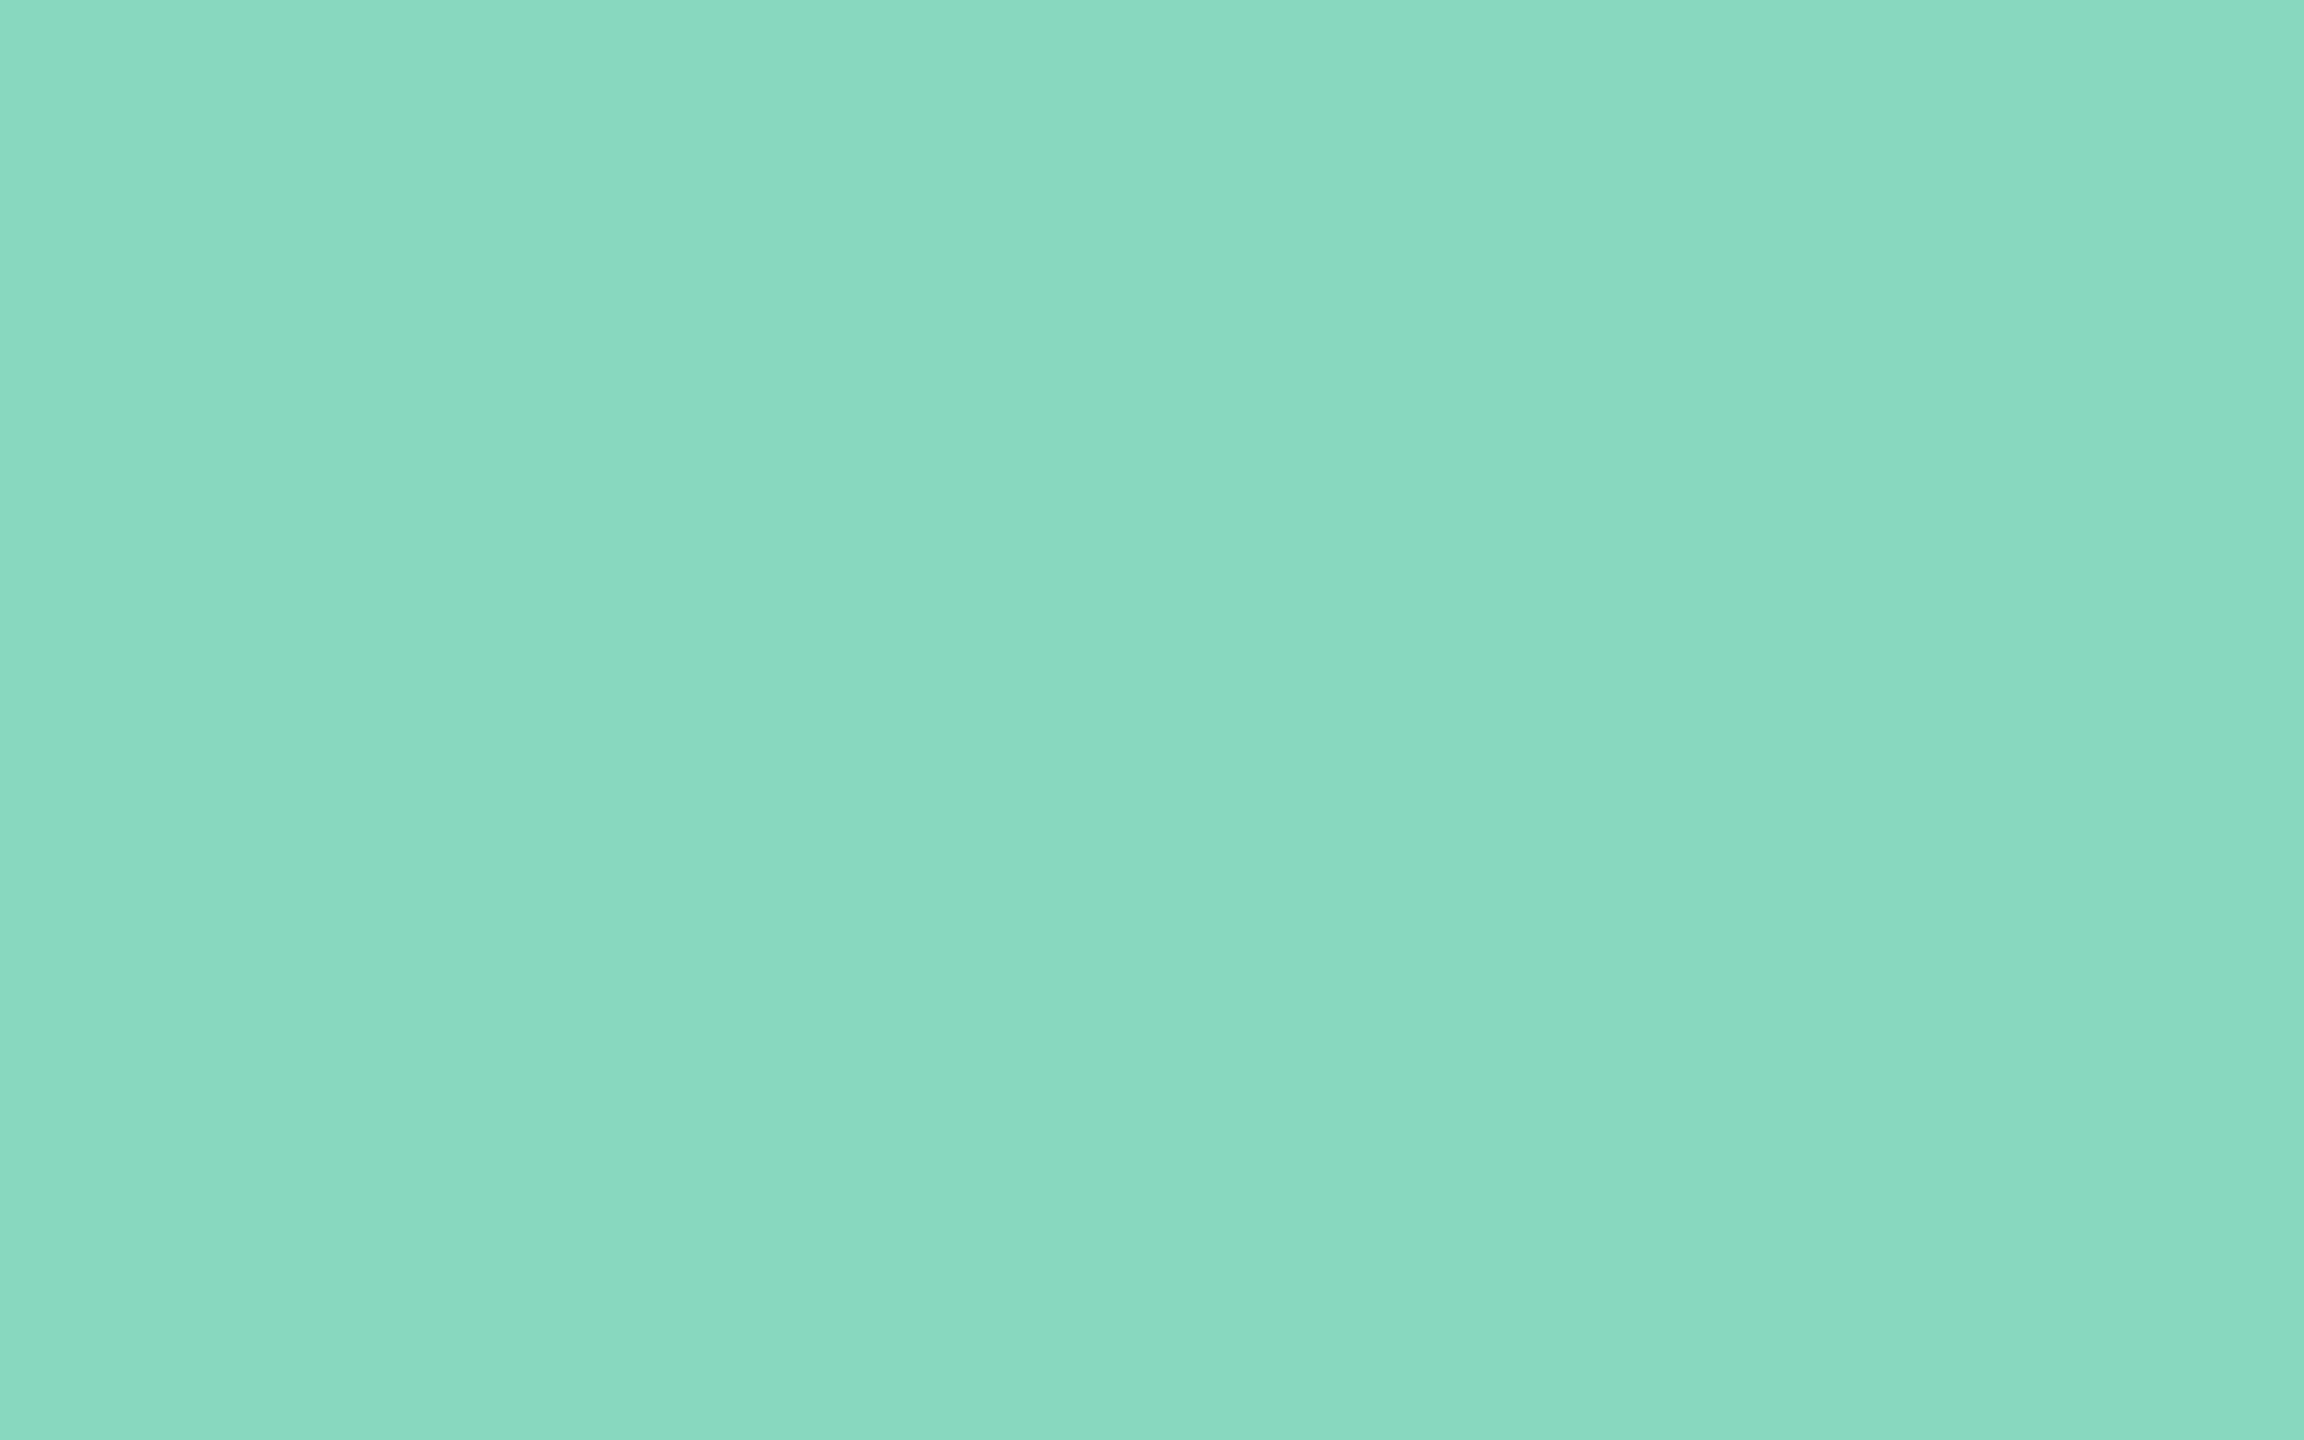 2304x1440 Pearl Aqua Solid Color Background